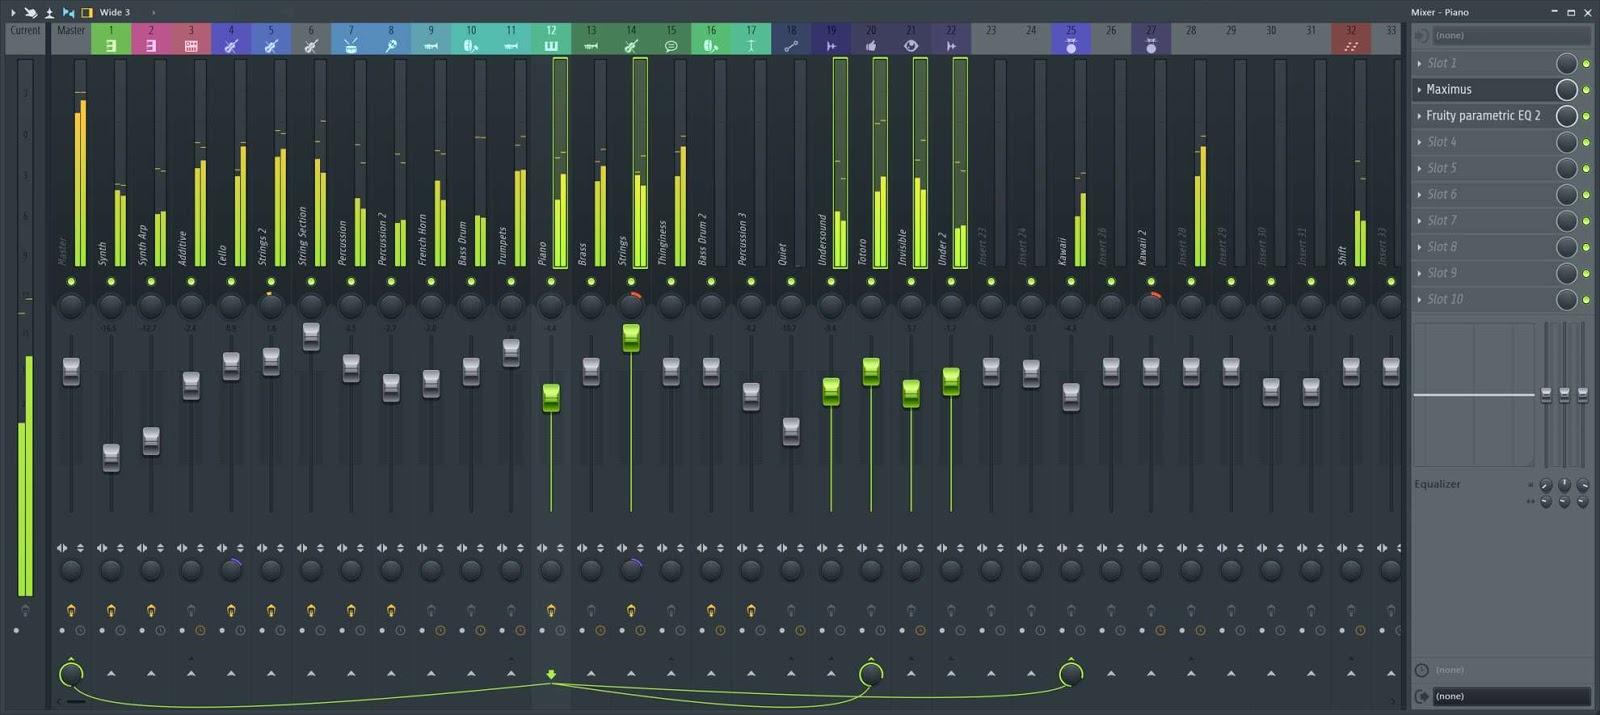 Como utilizar FL Studio 12: ¿Como se utiliza FL Studio 12? Mega ...